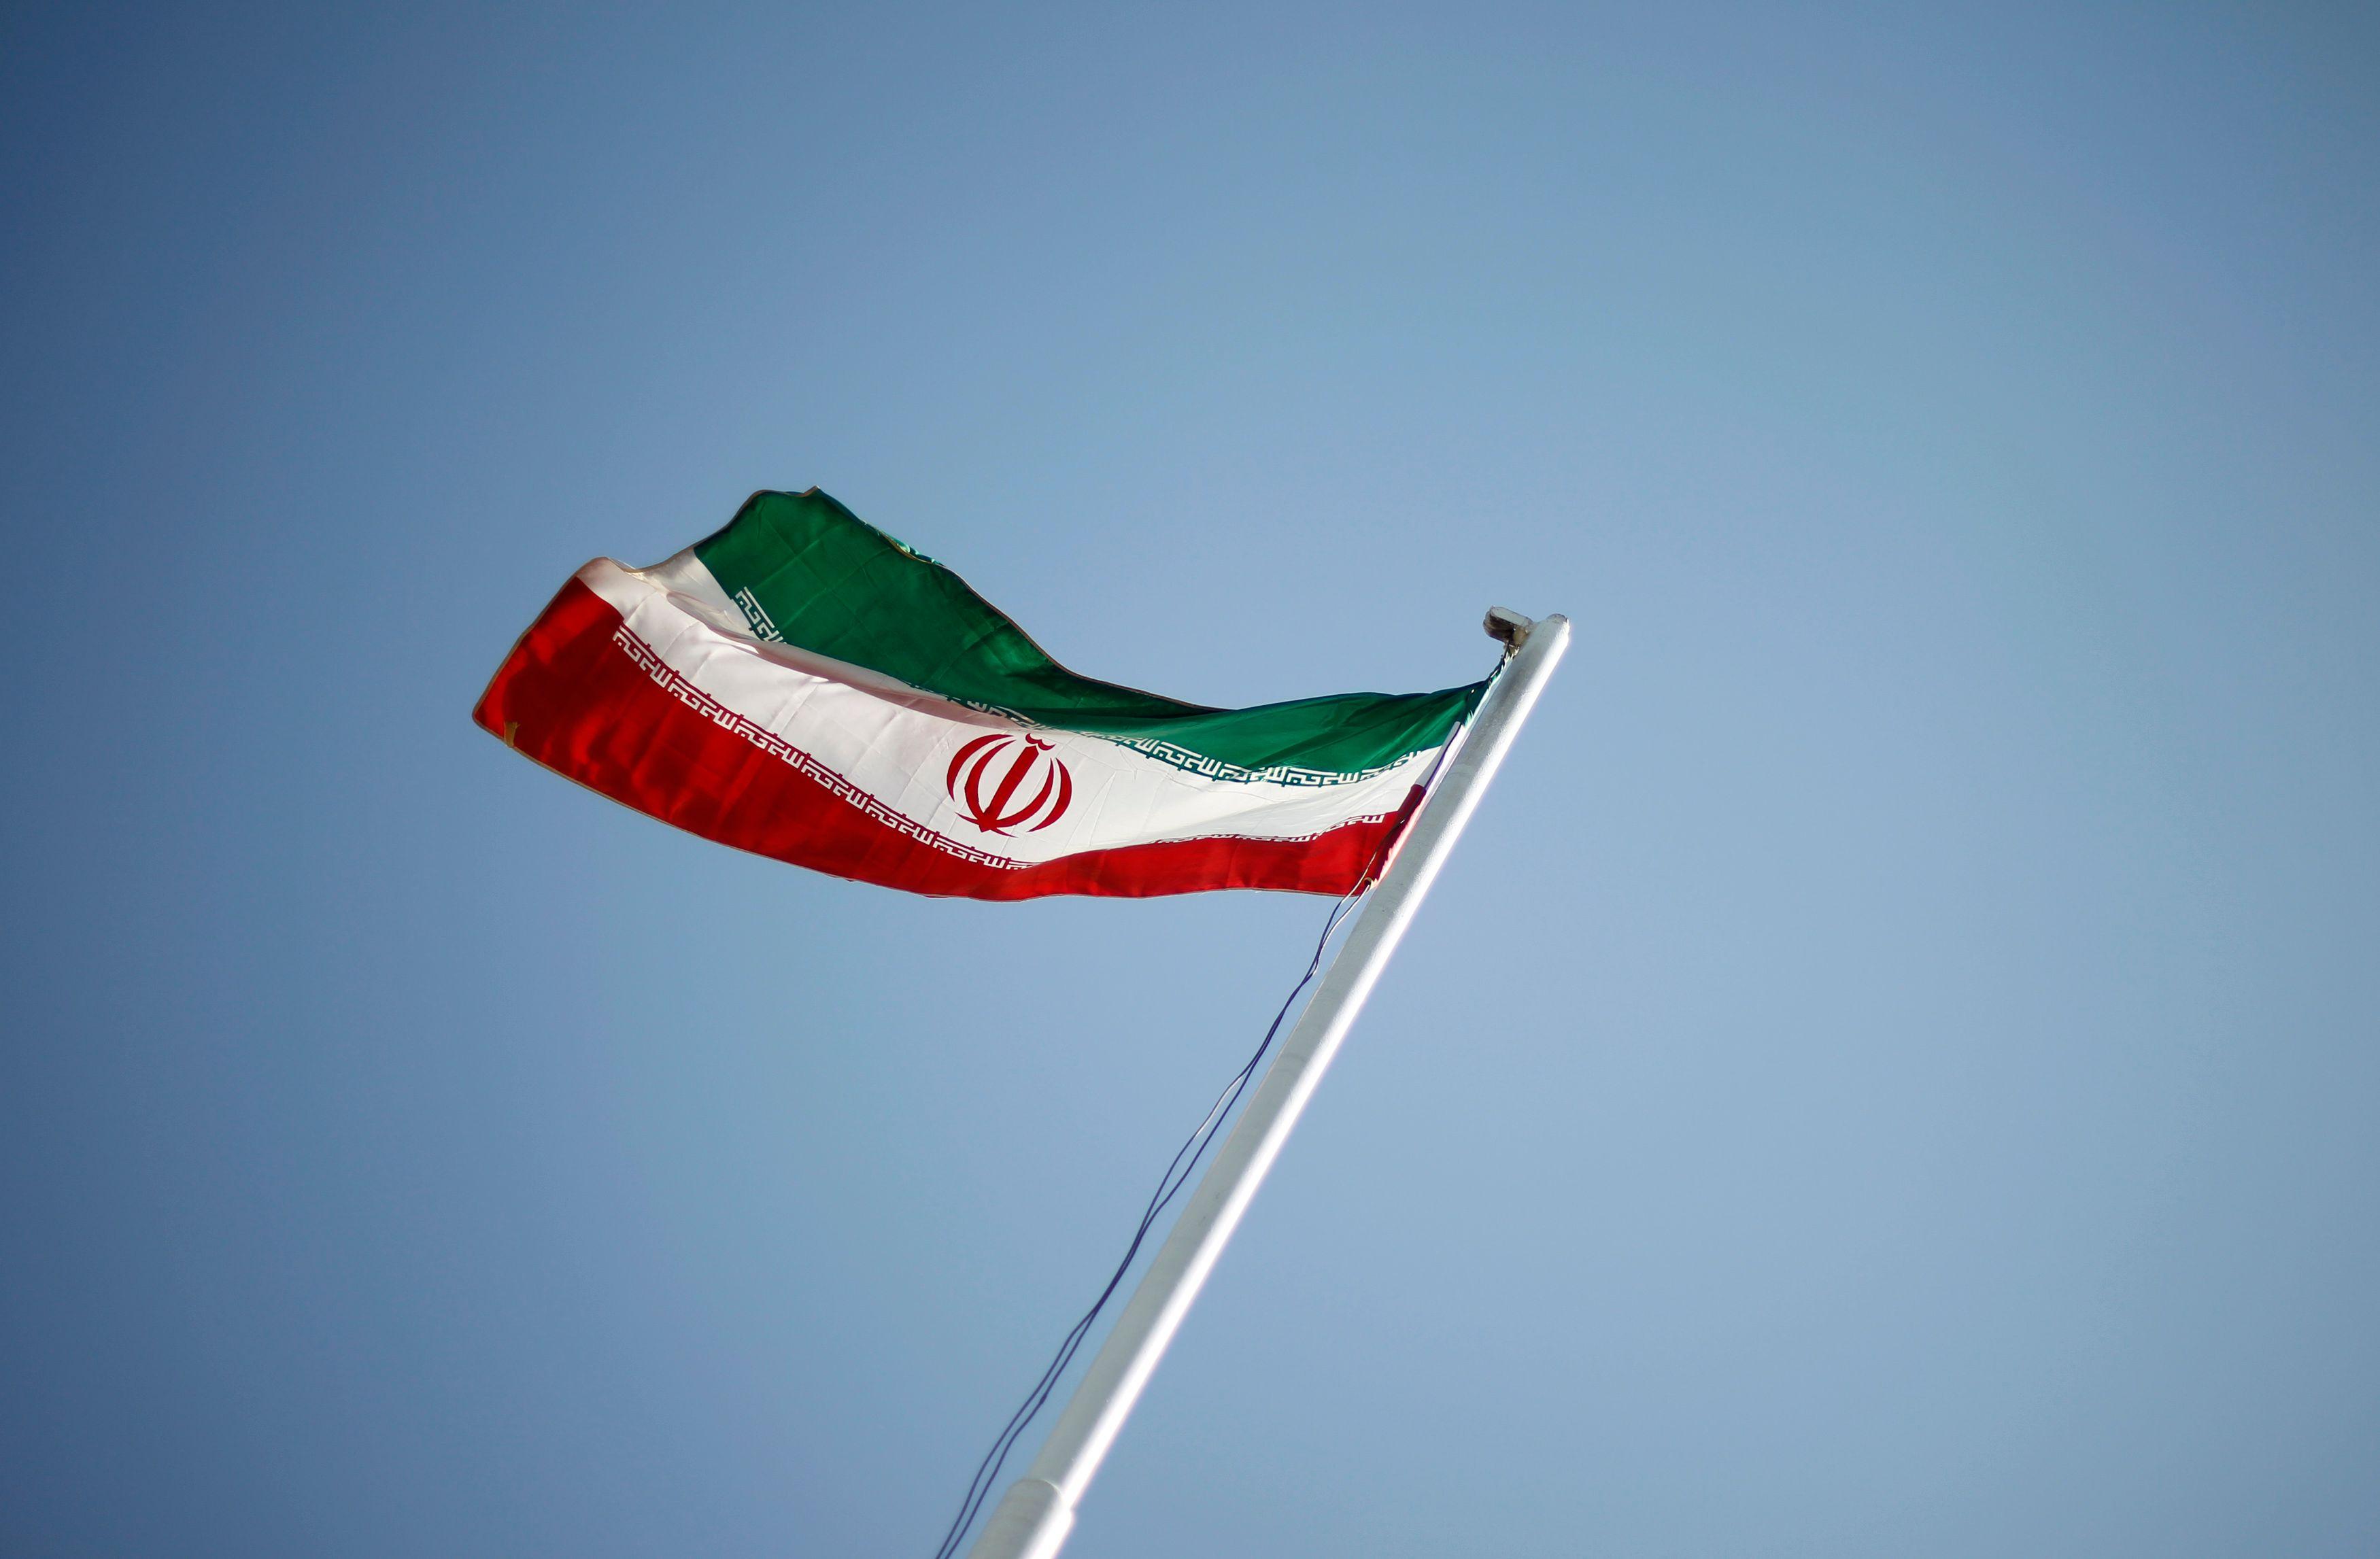 Les États-Unis auraient versé plus de 10 milliards de dollars à l'Iran depuis 2013